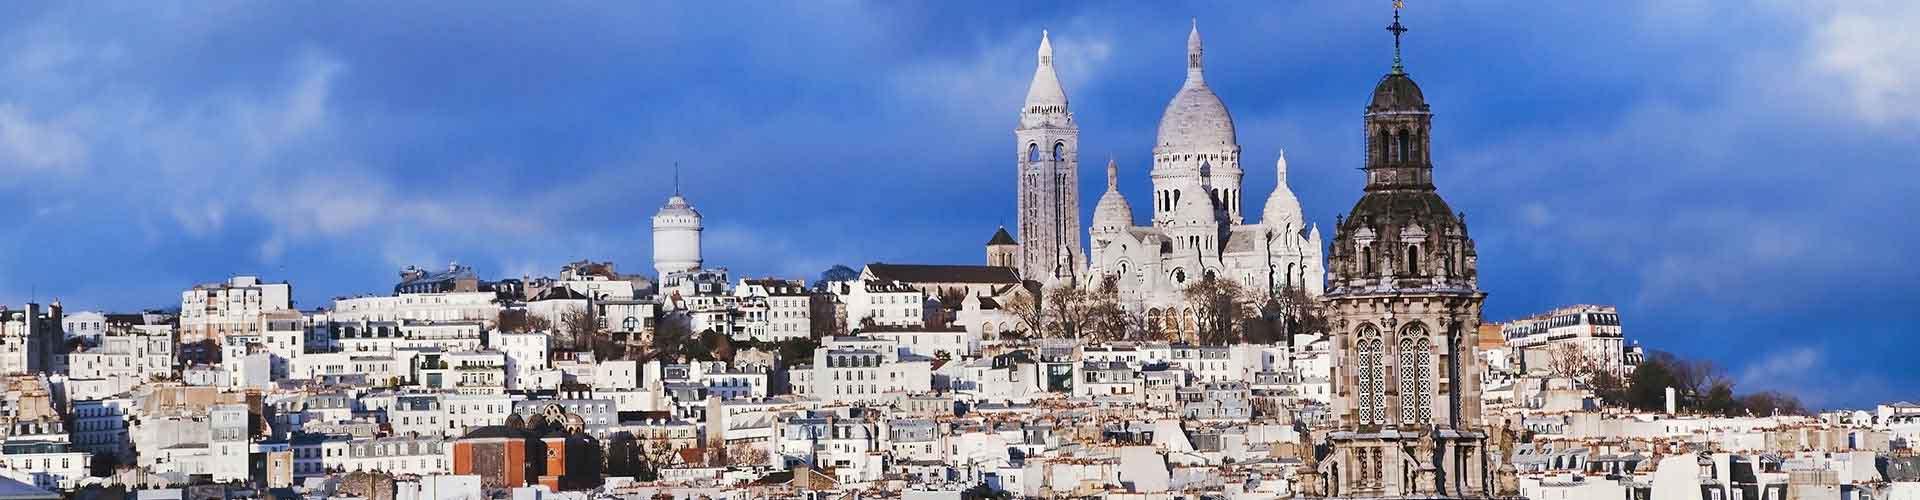 파리 - Montmartre 지구의 호스텔. 파리의 지도, 파리에 위치한 호스텔 사진 및 후기 정보.